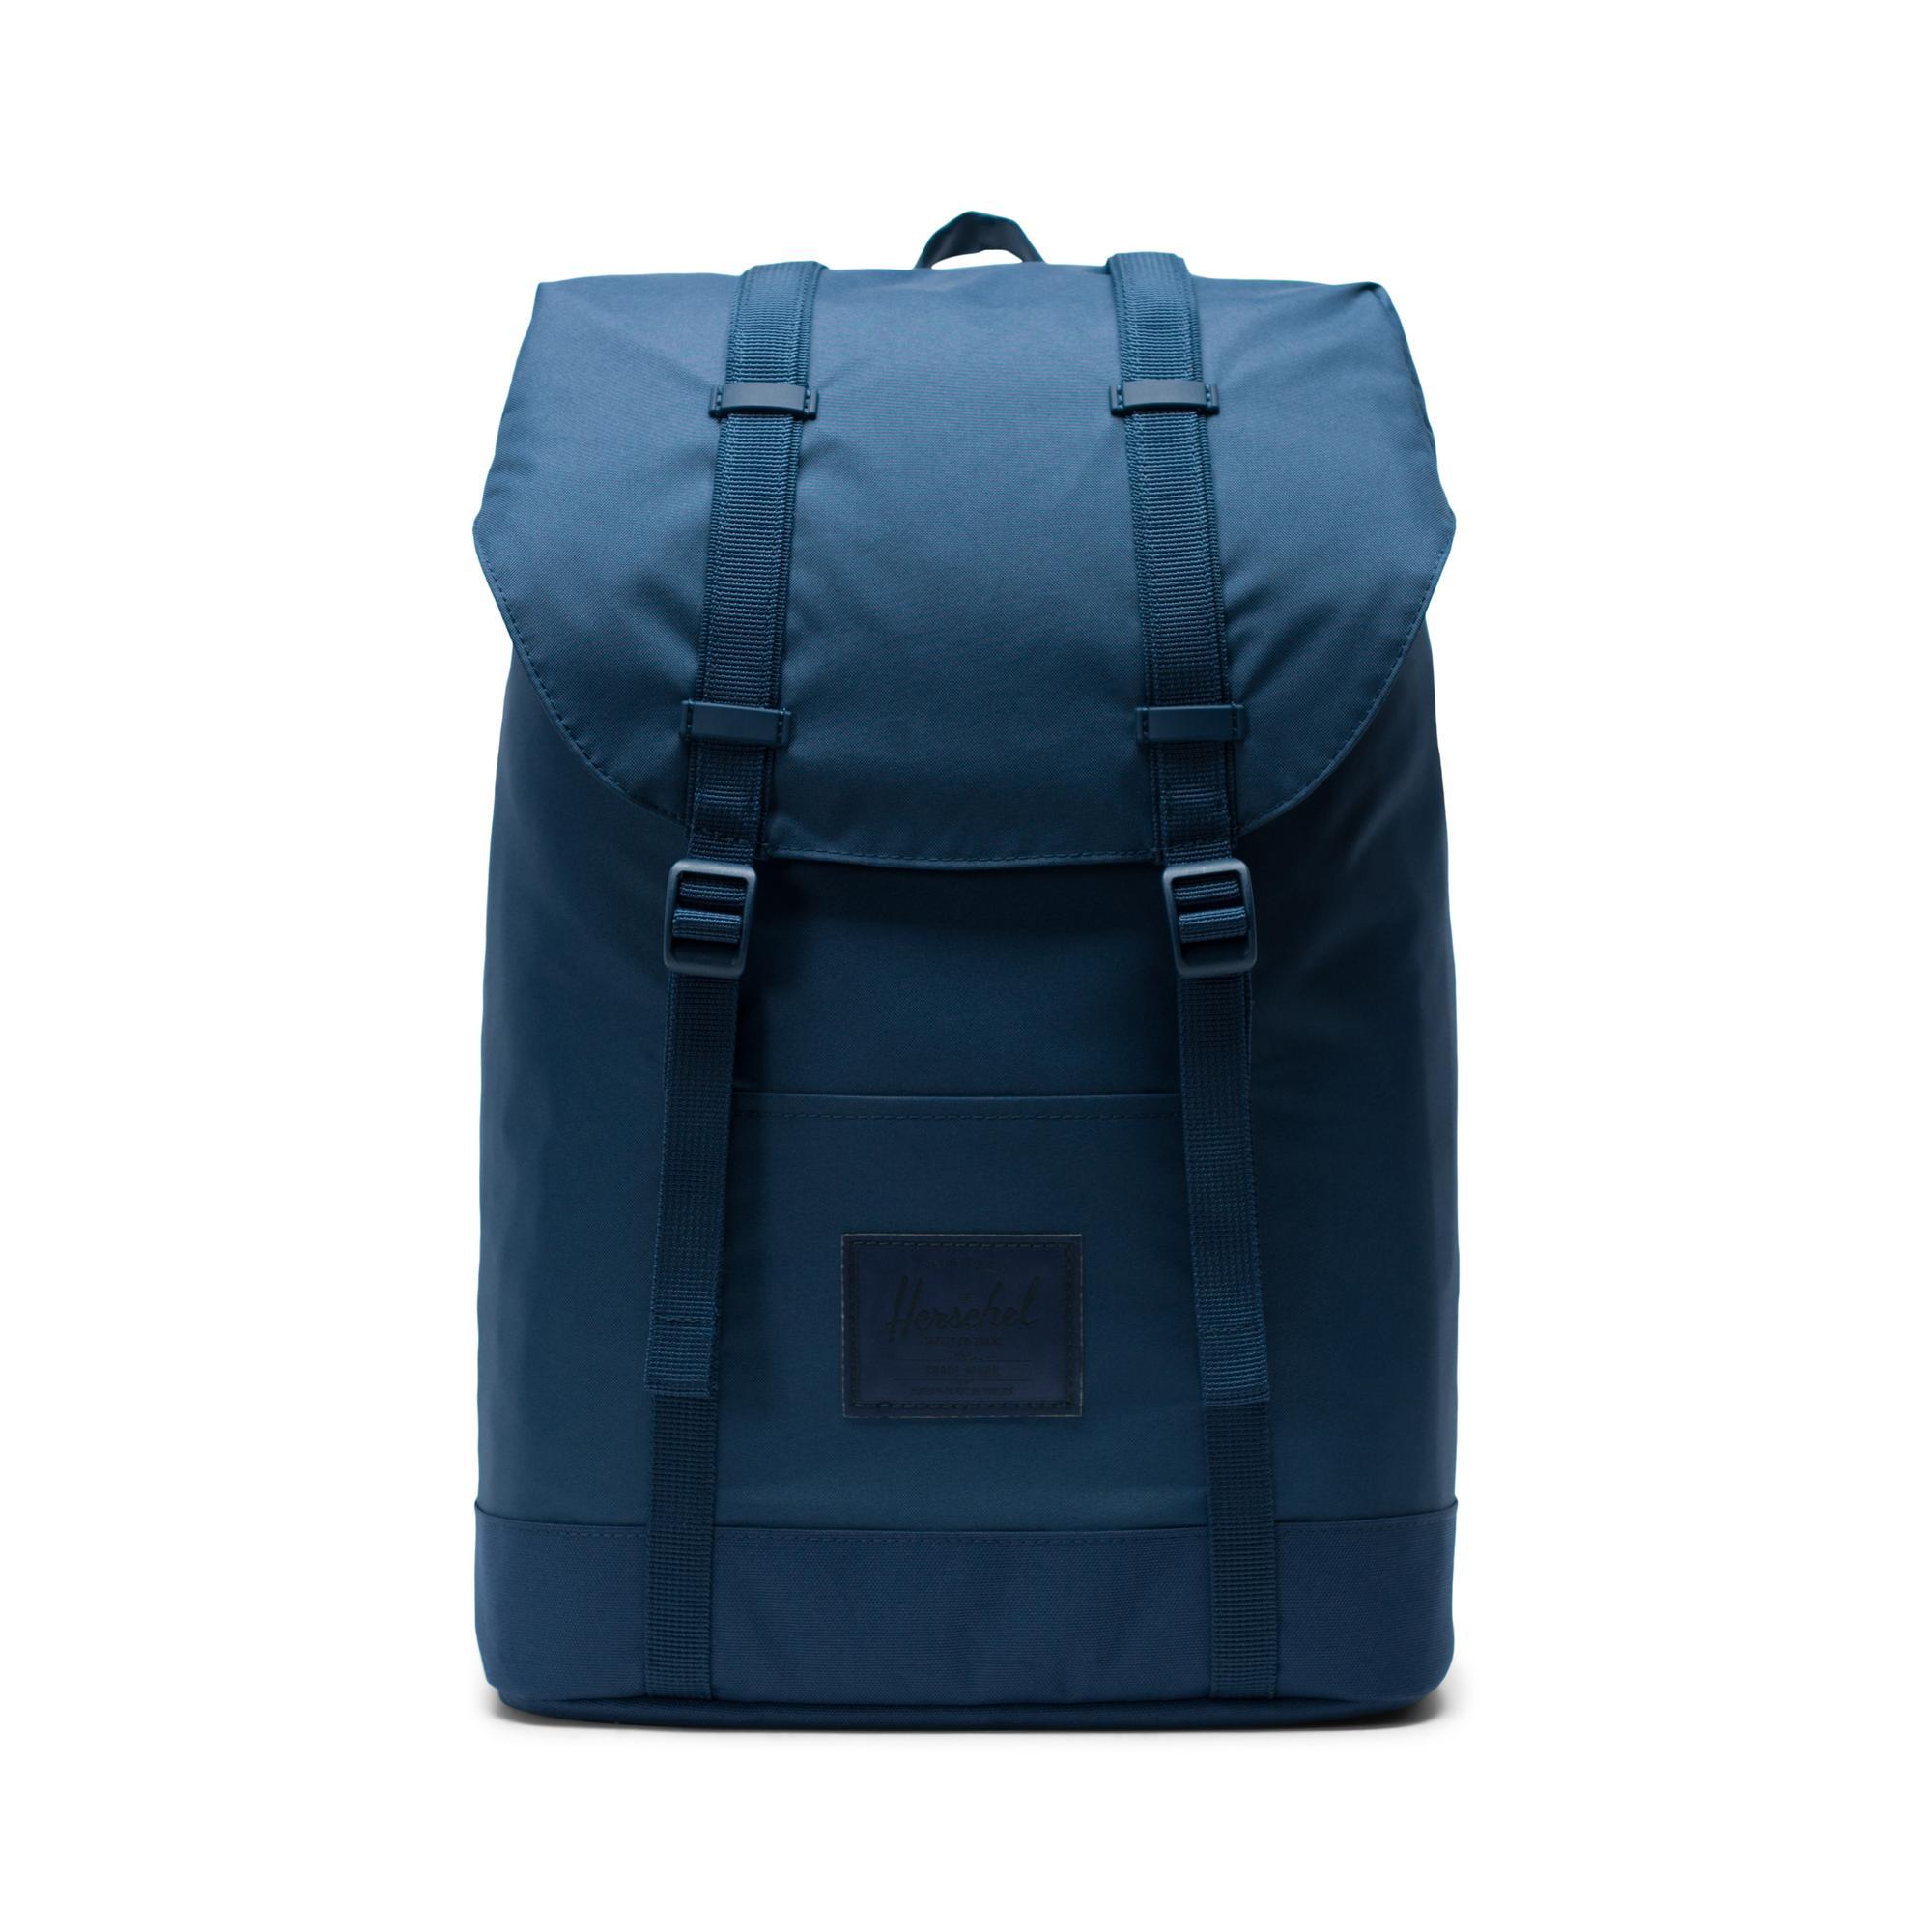 28a4ea4068ba Retreat Backpack Light